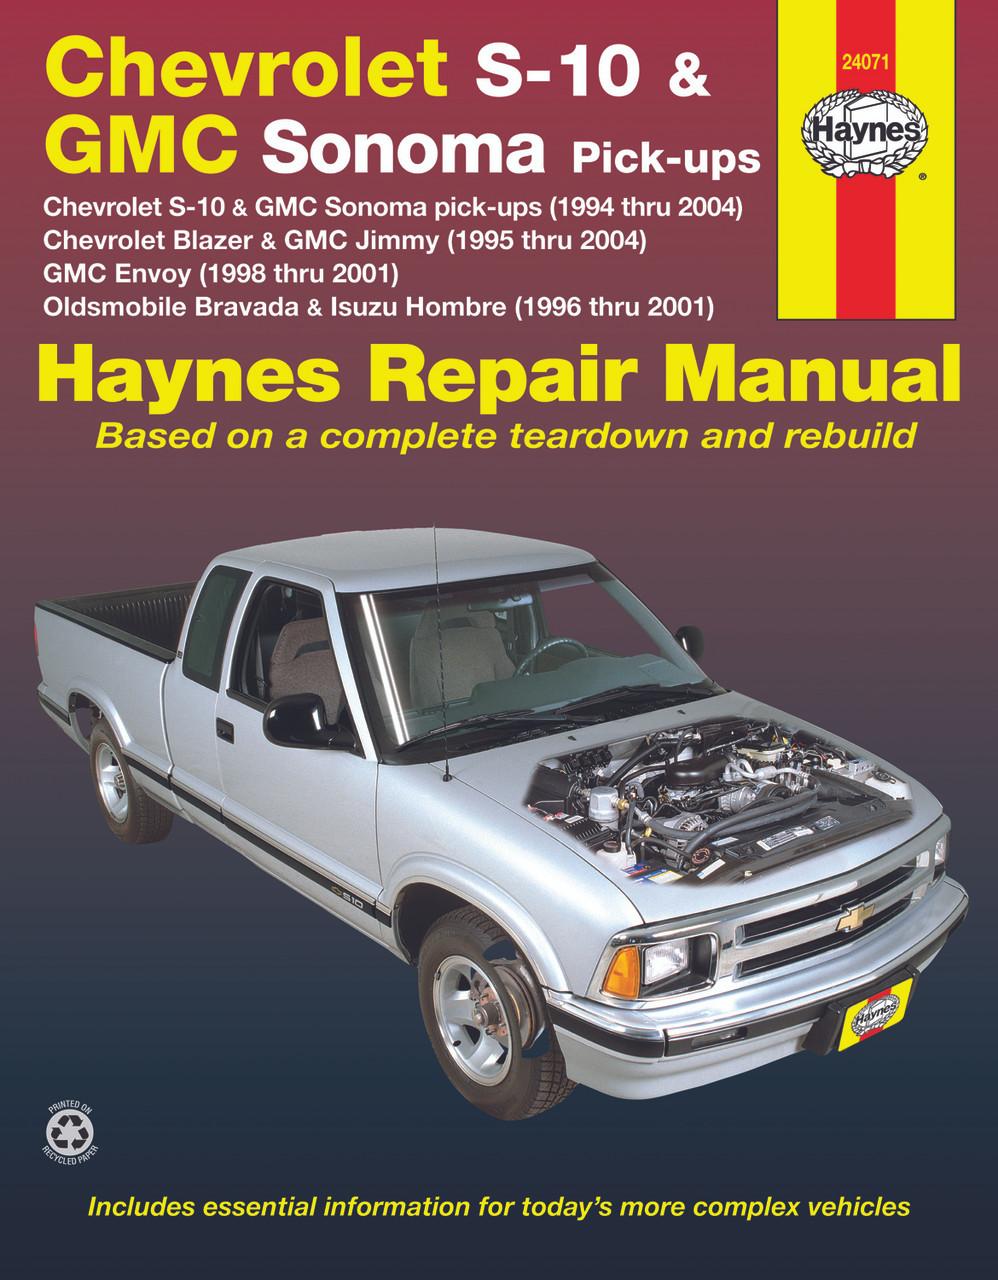 Chevrolet S-10 & GMC Sonoma pick-ups (1994-2004) Inc  S-10 Blazer & GMC  Jimmy (1995-2004), GMC Envoy (1998-2001) & Oldsmobile Bravada / Isuzu  Hombre